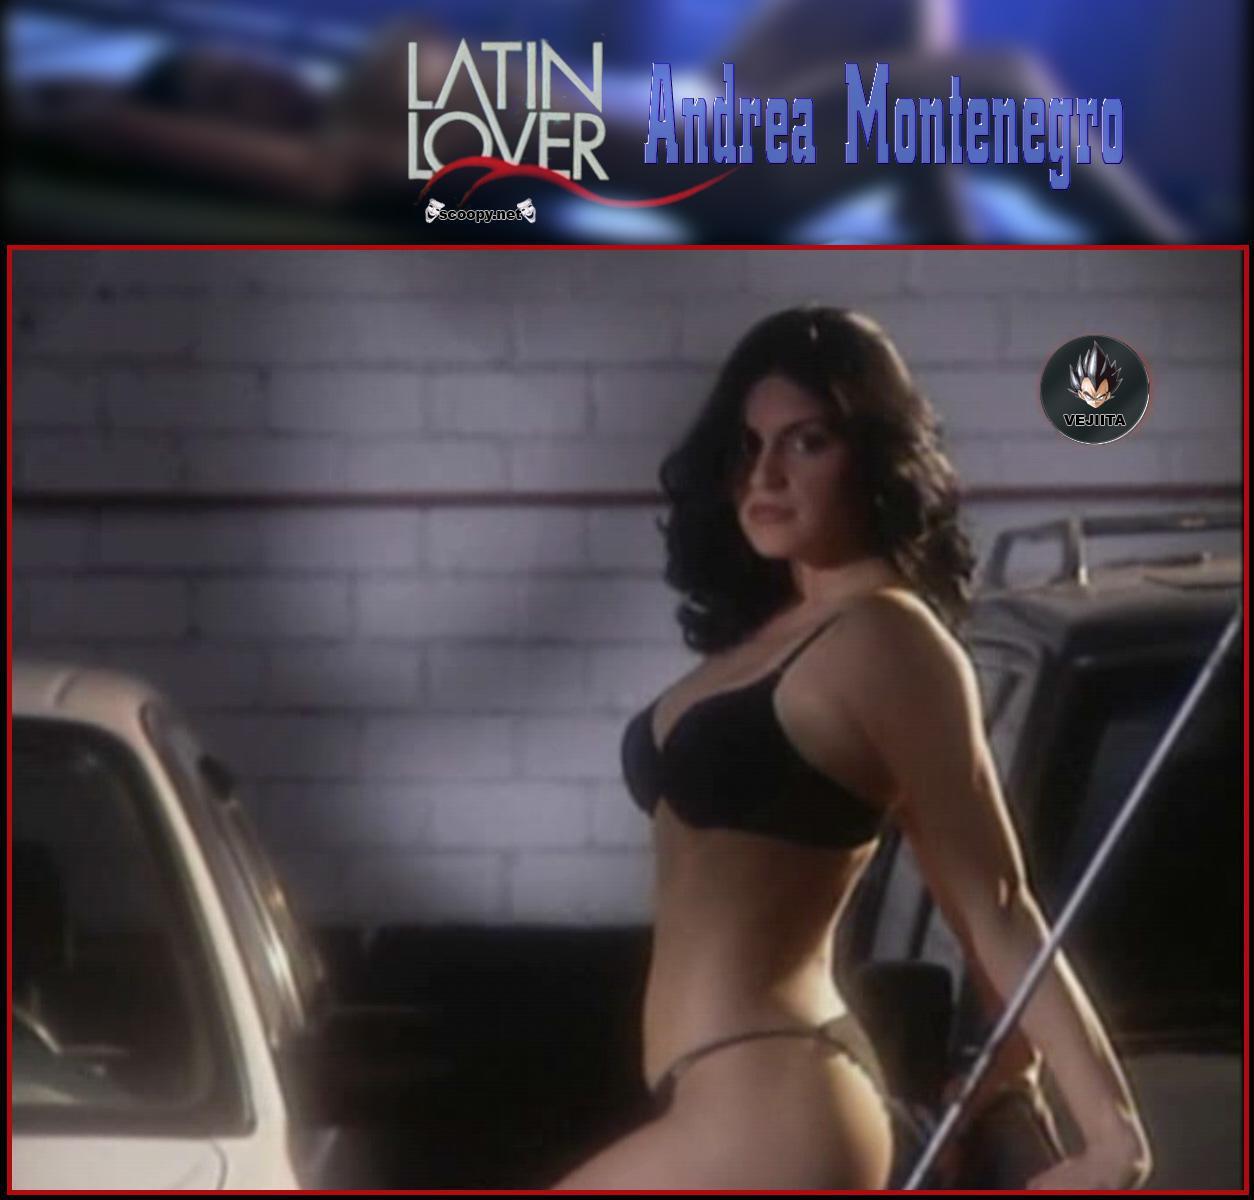 Fotos De Andrea Montenegro Desnuda Página 1 Fotos De Famosastk